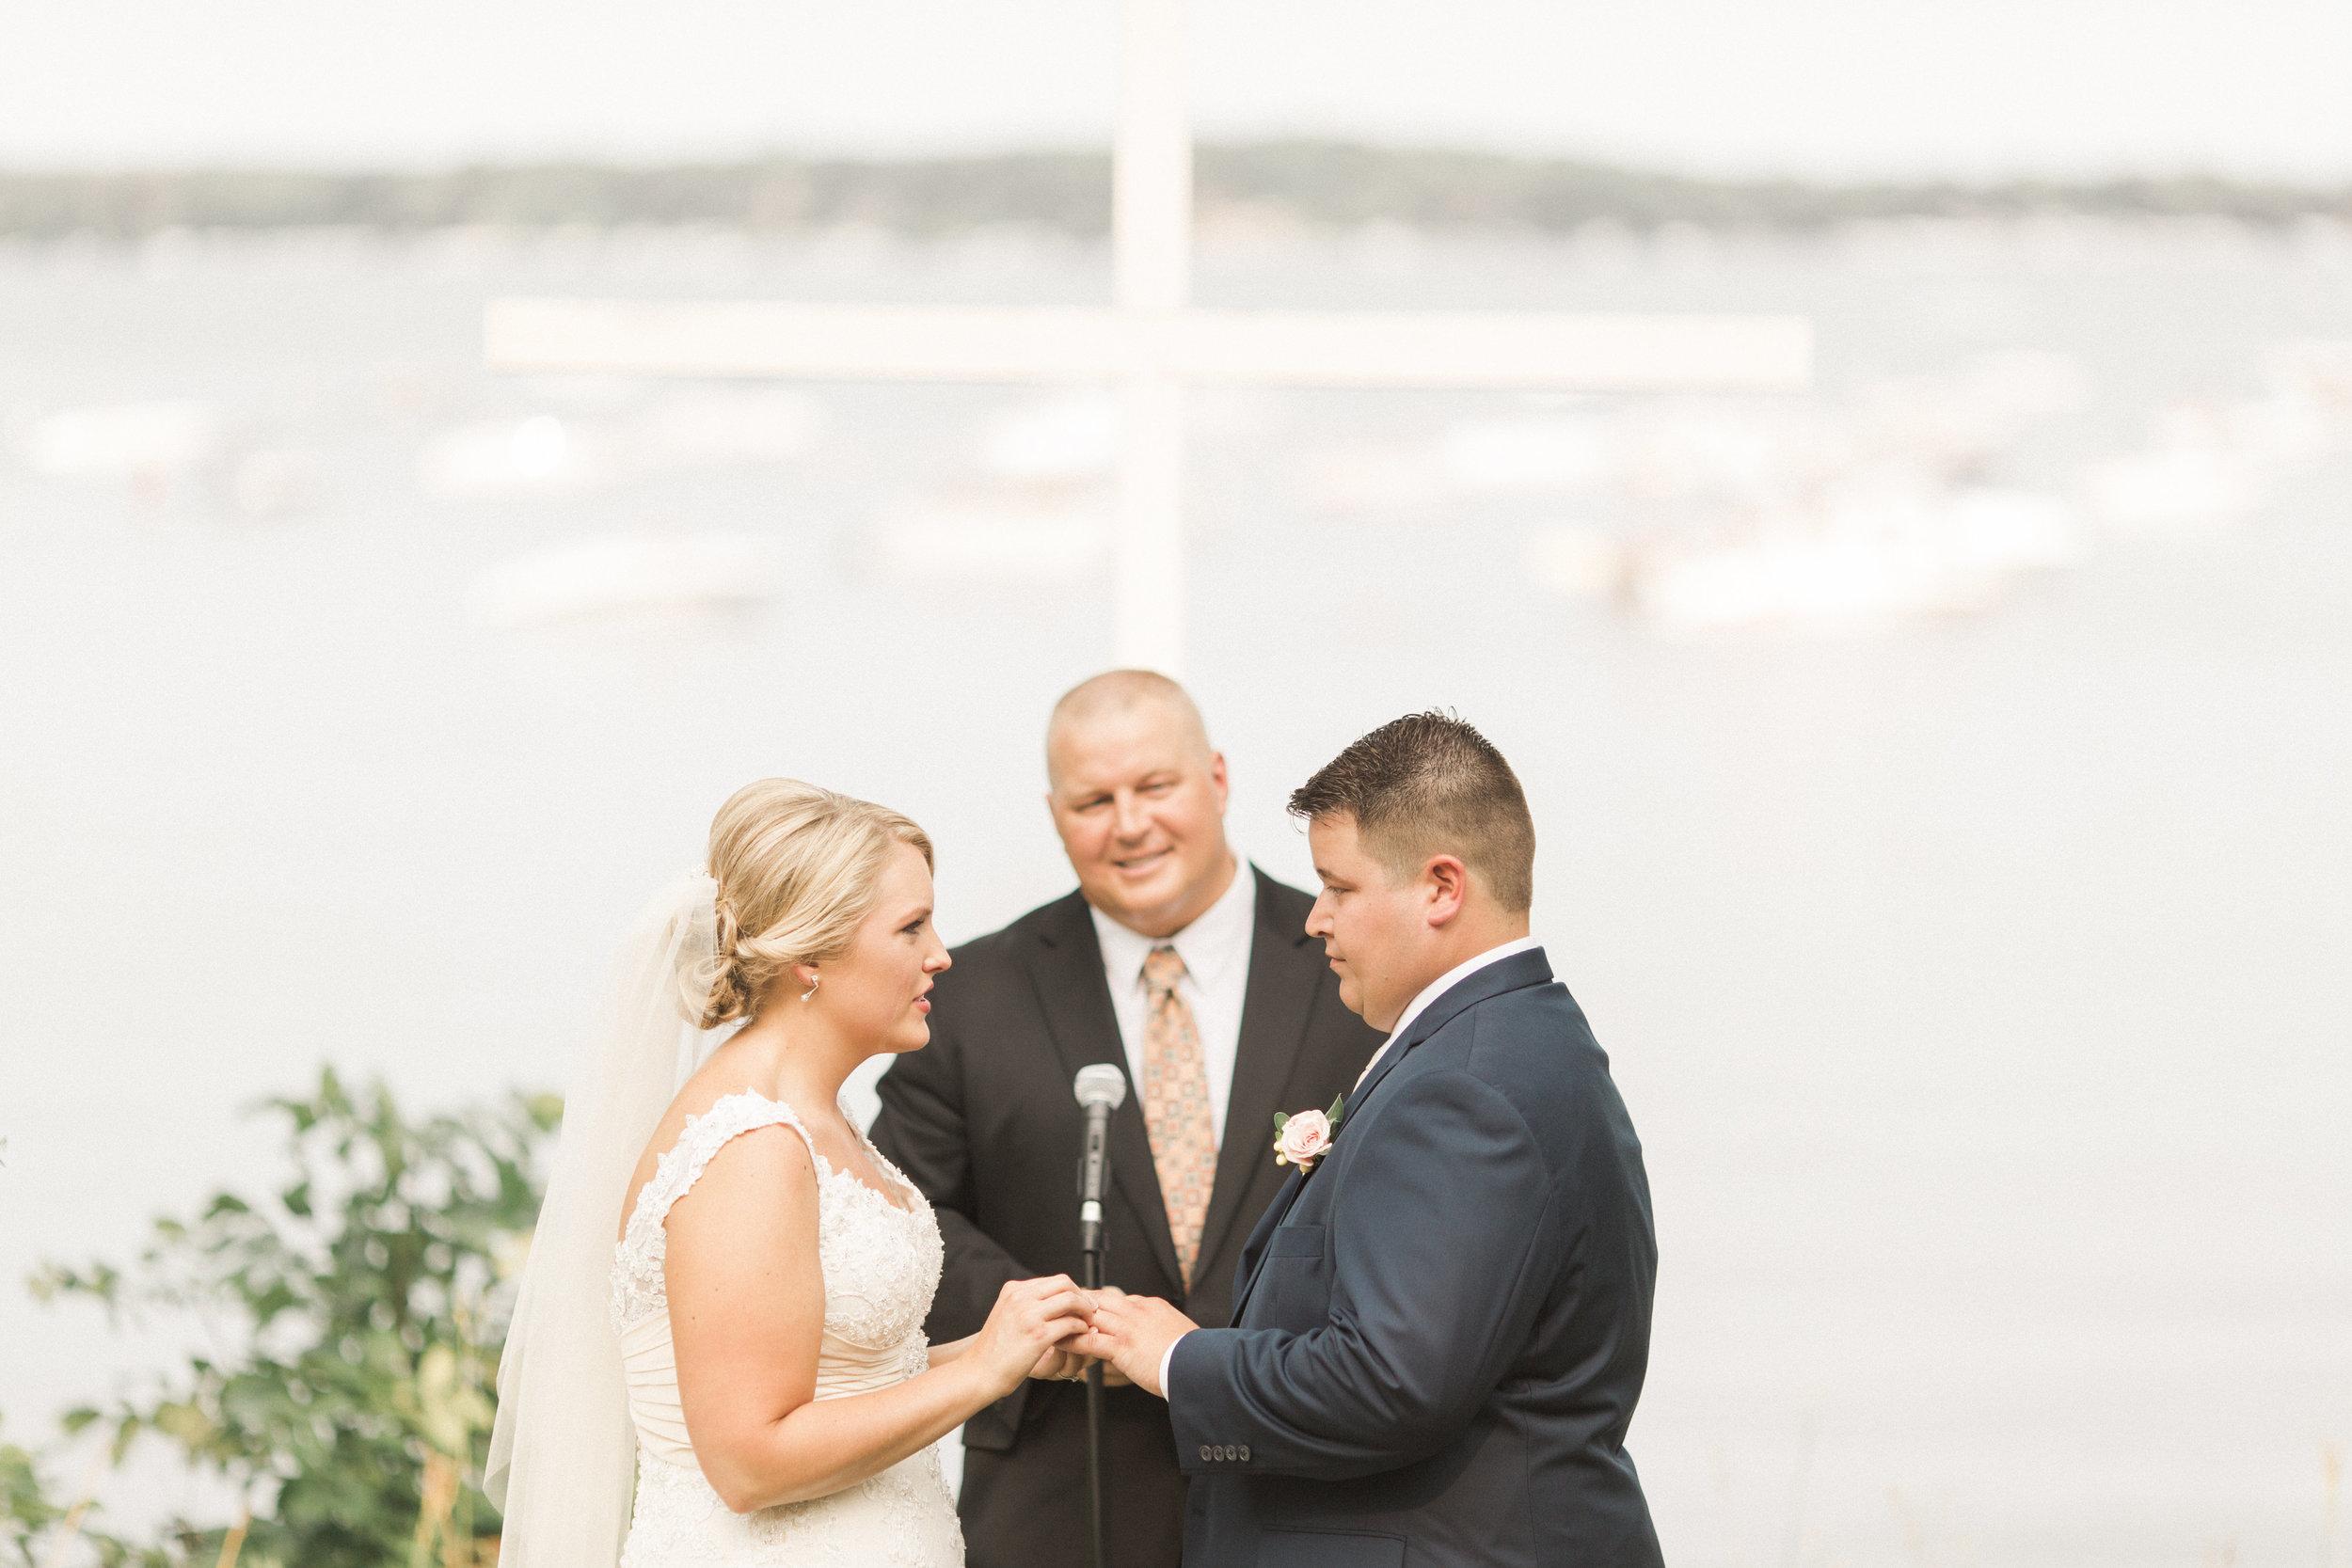 outdoor-iowa-wedding-ceremony-vows-with-a-lake-view-okoboji-iowa